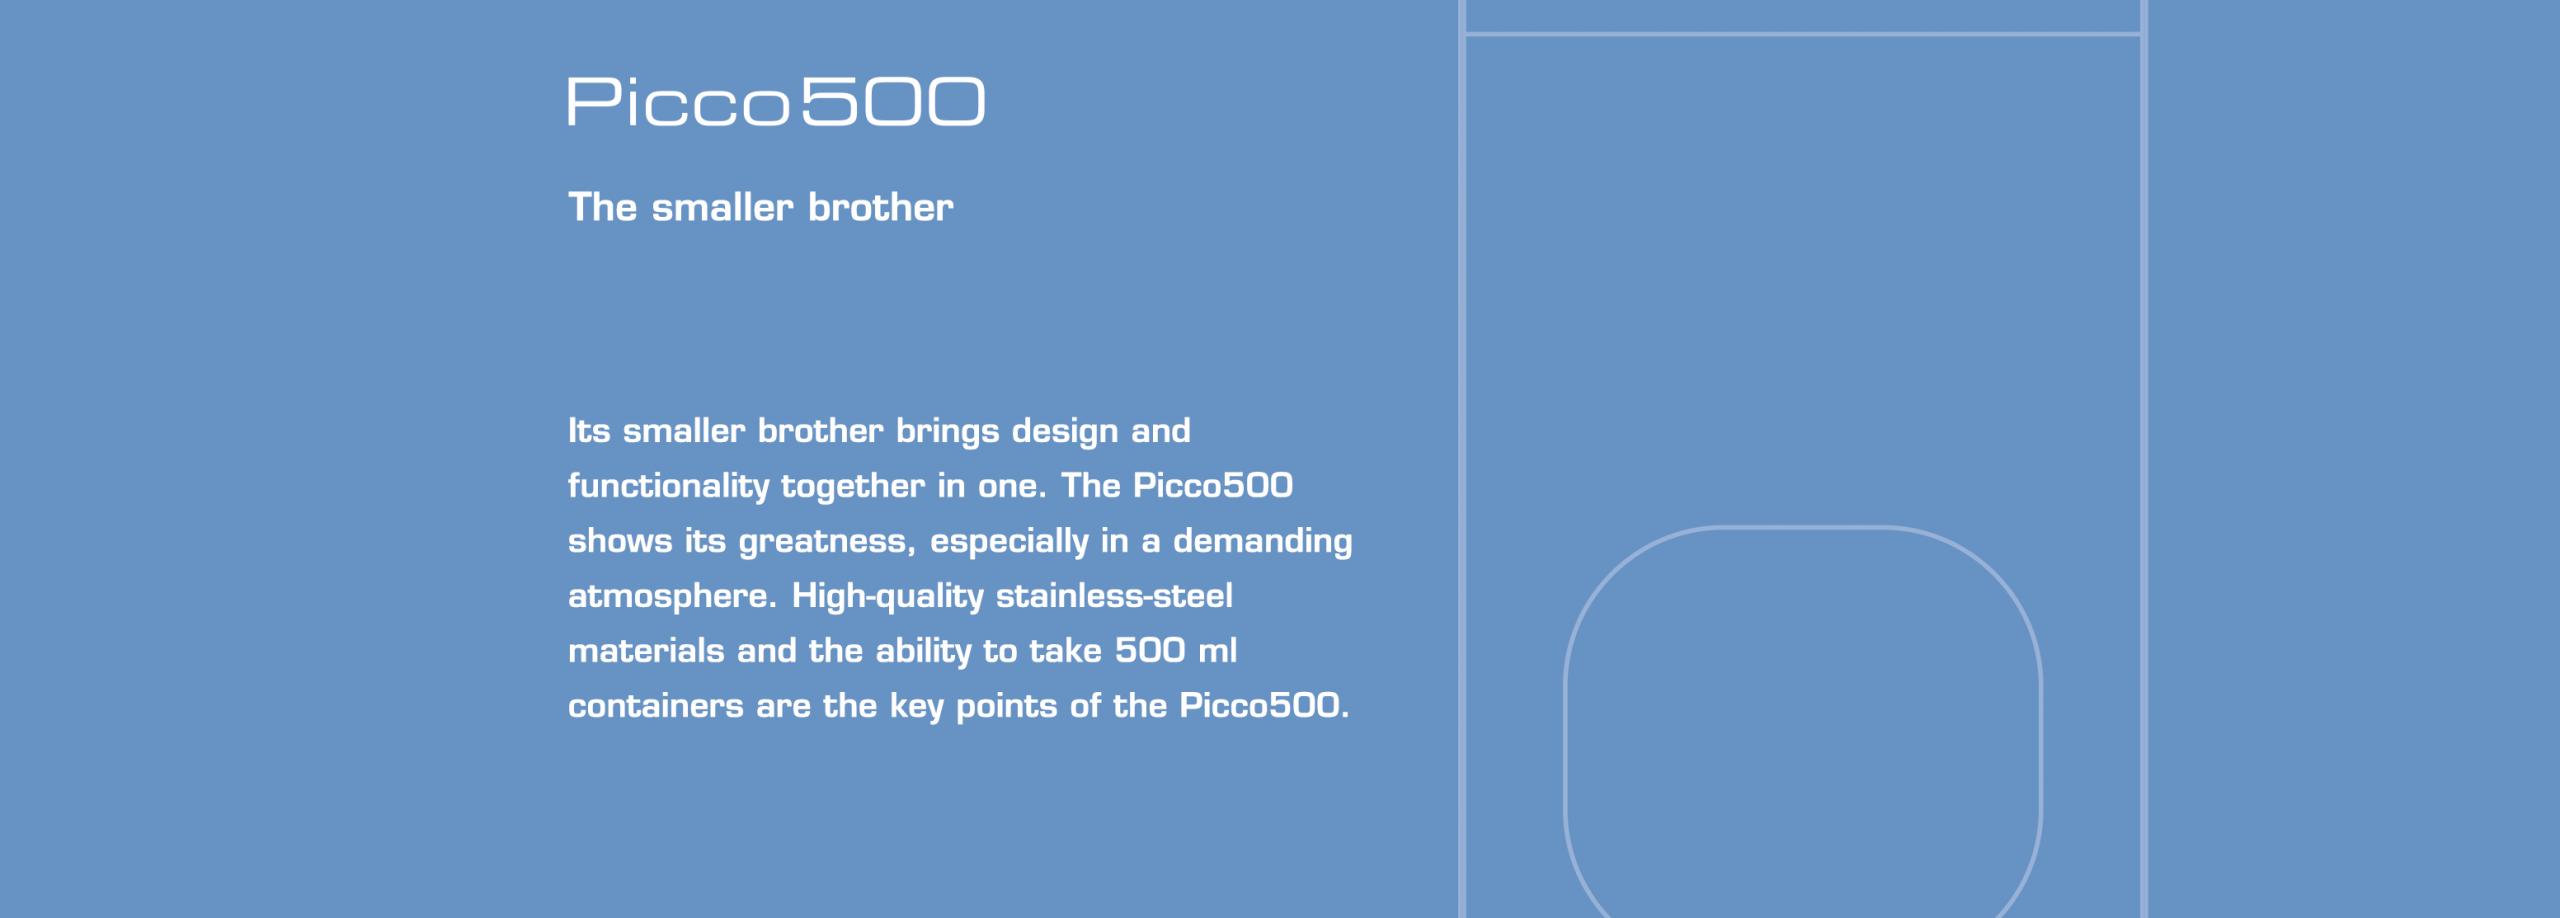 Picco500